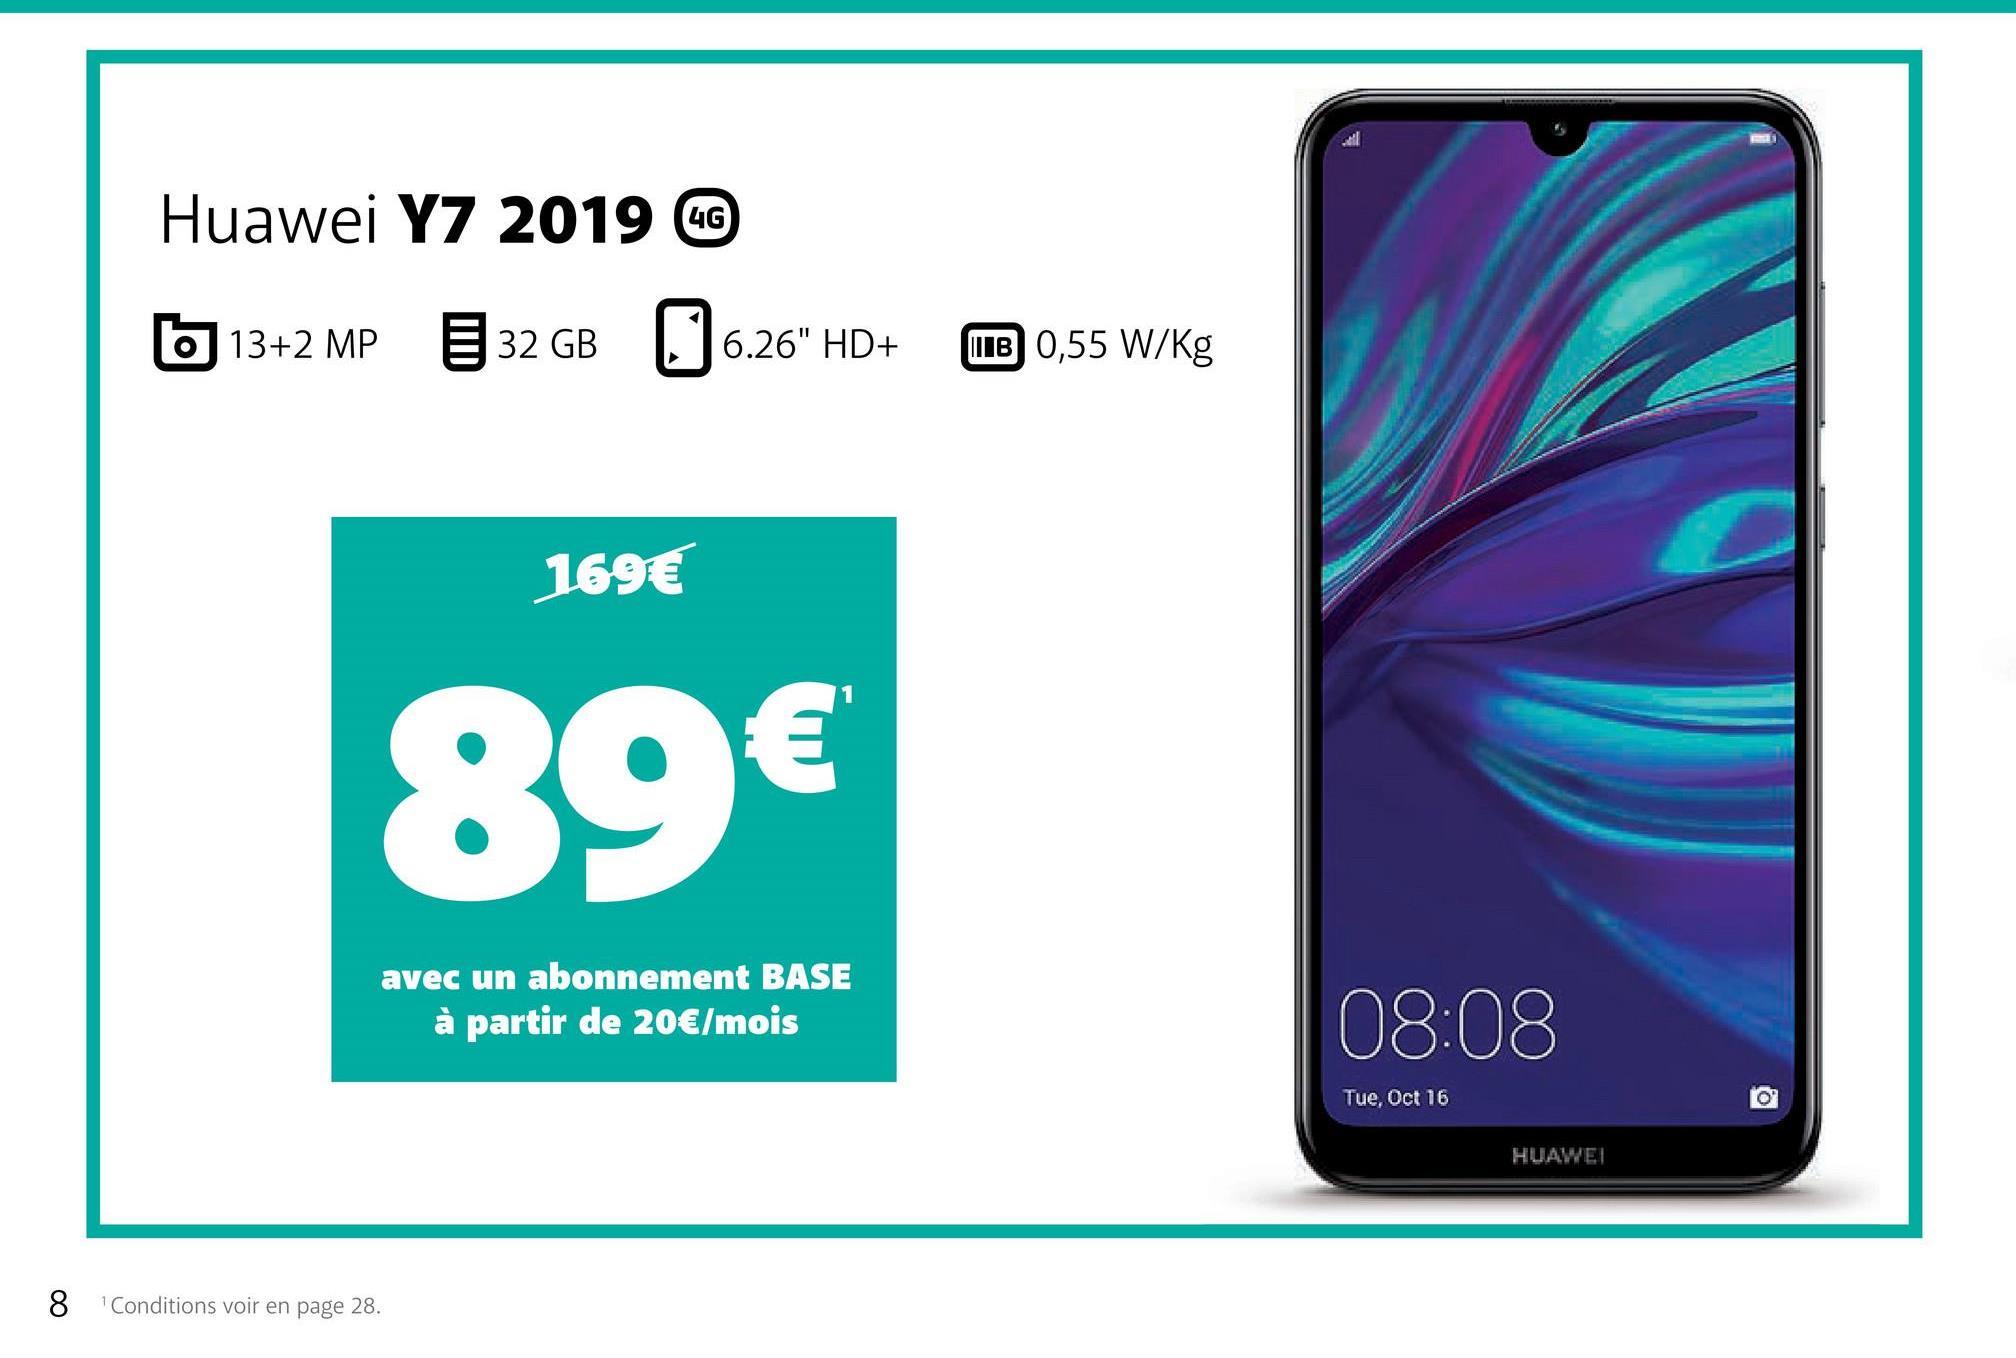 """Huawei Y7 2019 6 13+2 MP 32 GB 6.26"""" HD+ 0,55 W/kg 169€ 89€ avec un abonnement BASE à partir de 20€/mois 08:08 Tue, Oct 16 HUAWEI 8 Conditions voir en page 28."""